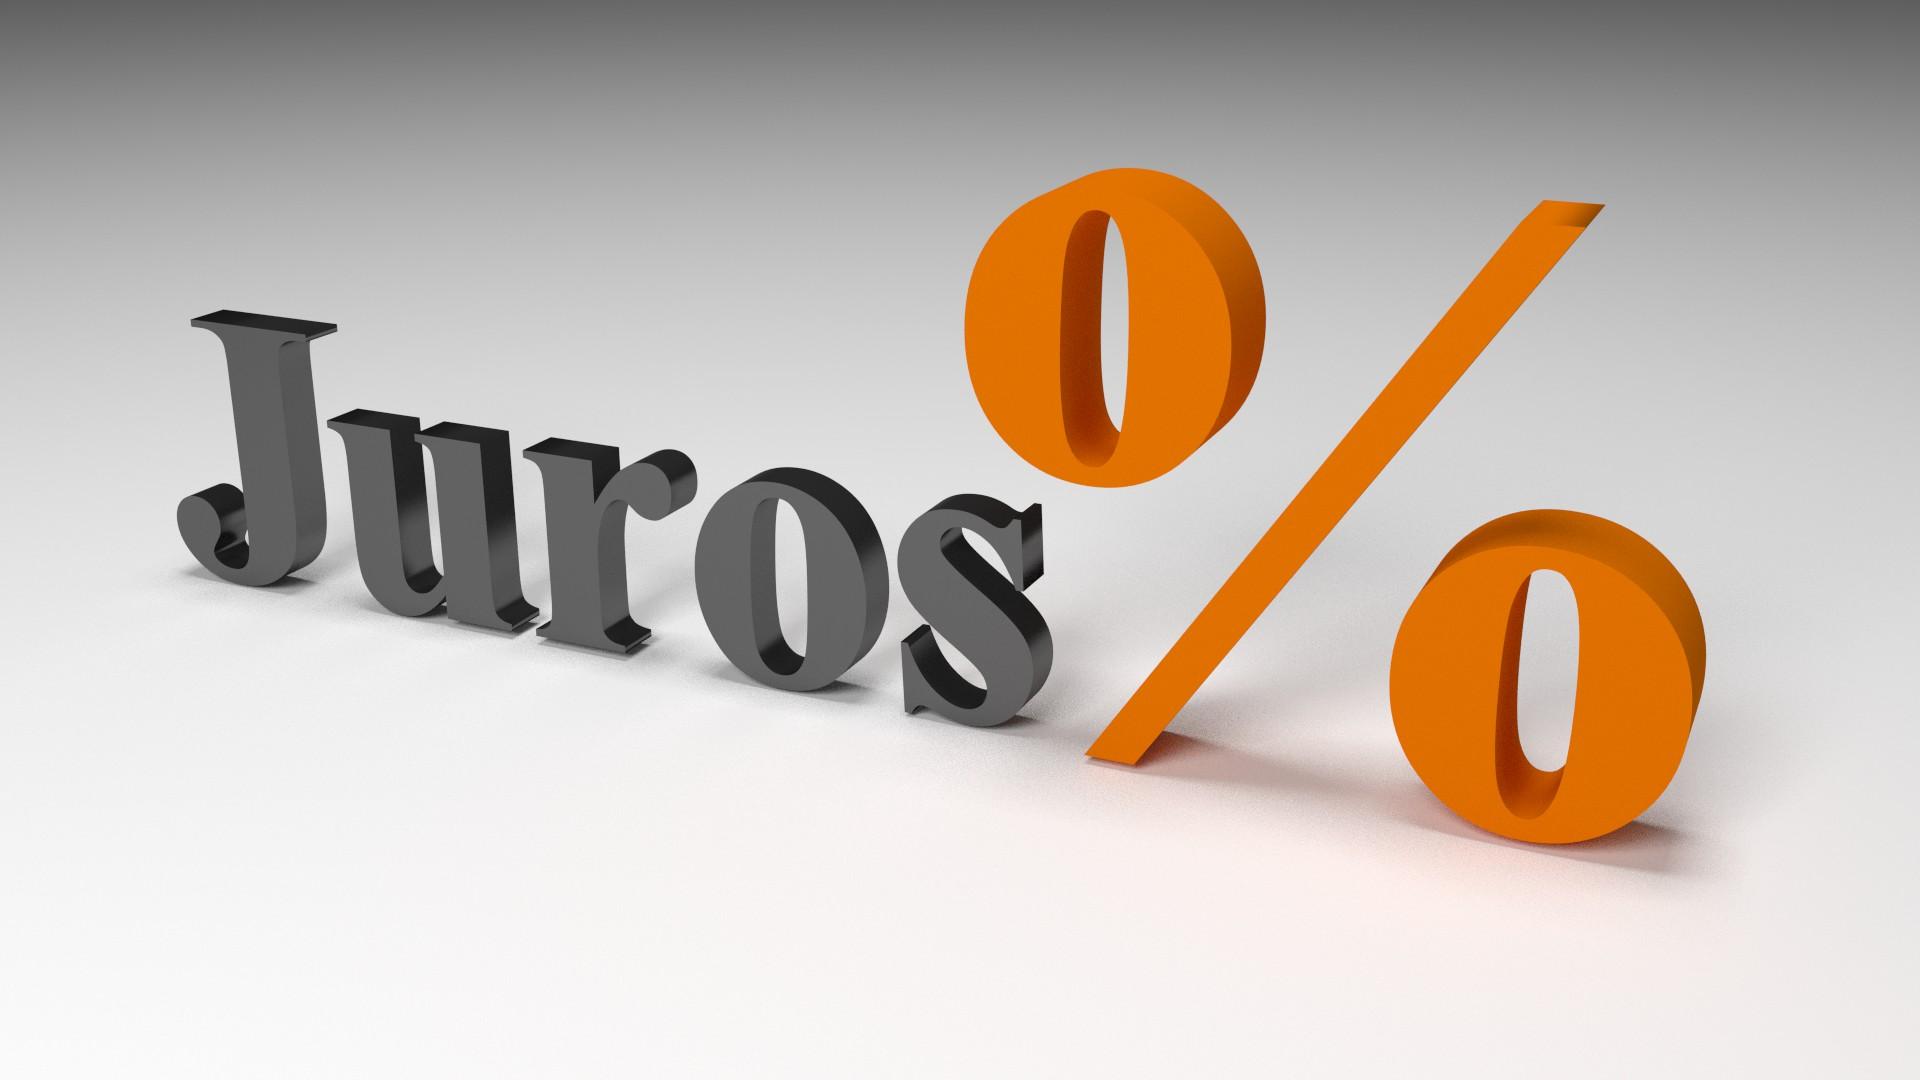 Actualização da taxa de juro comercial vigente para o 1º semestre de 2020